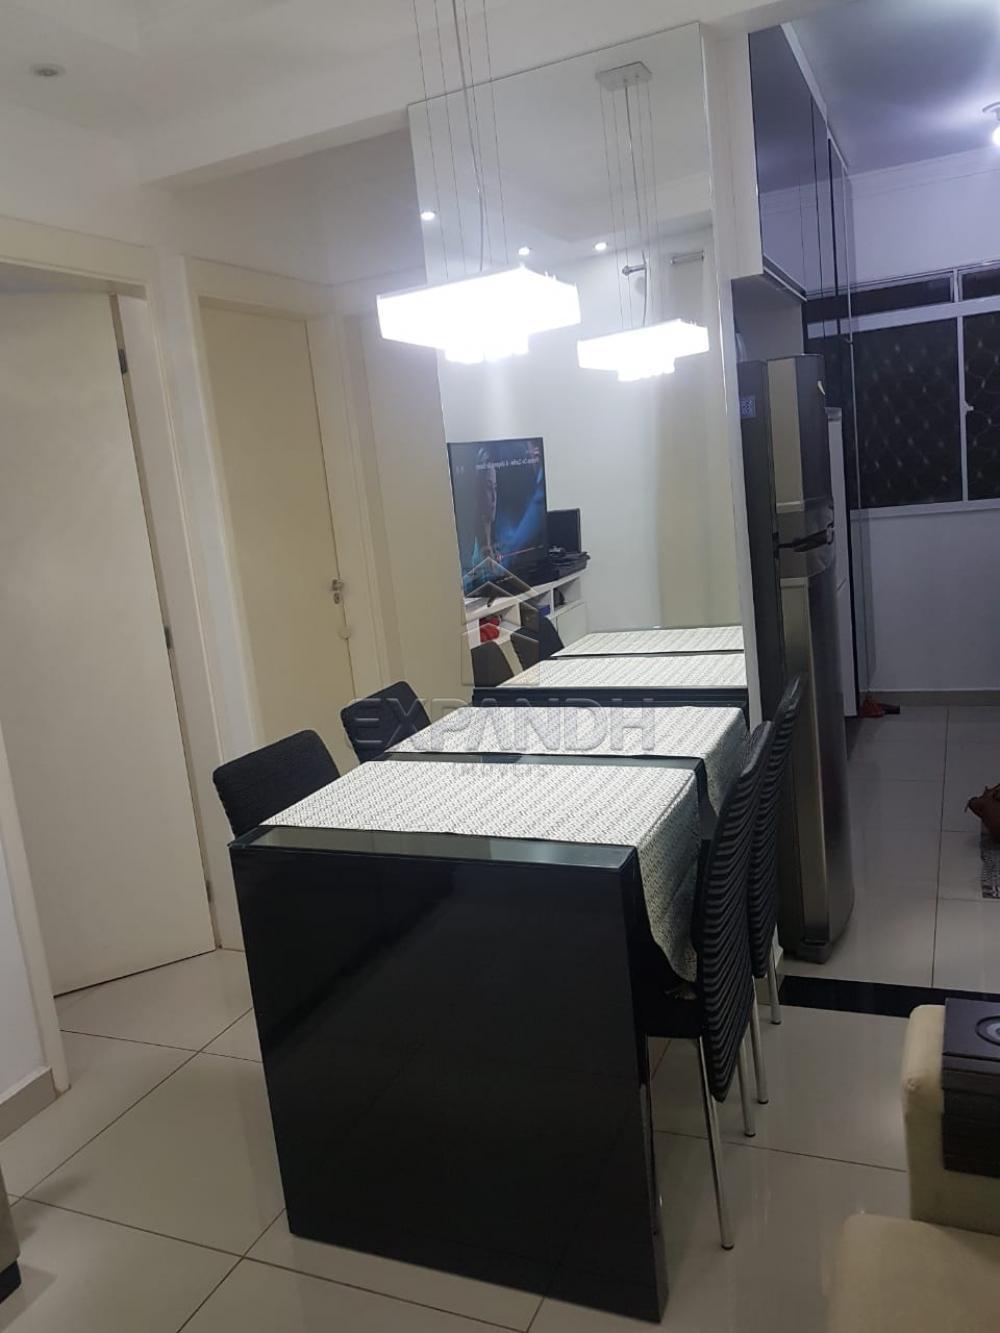 Comprar Apartamentos / Padrão em Sertãozinho R$ 150.000,00 - Foto 3